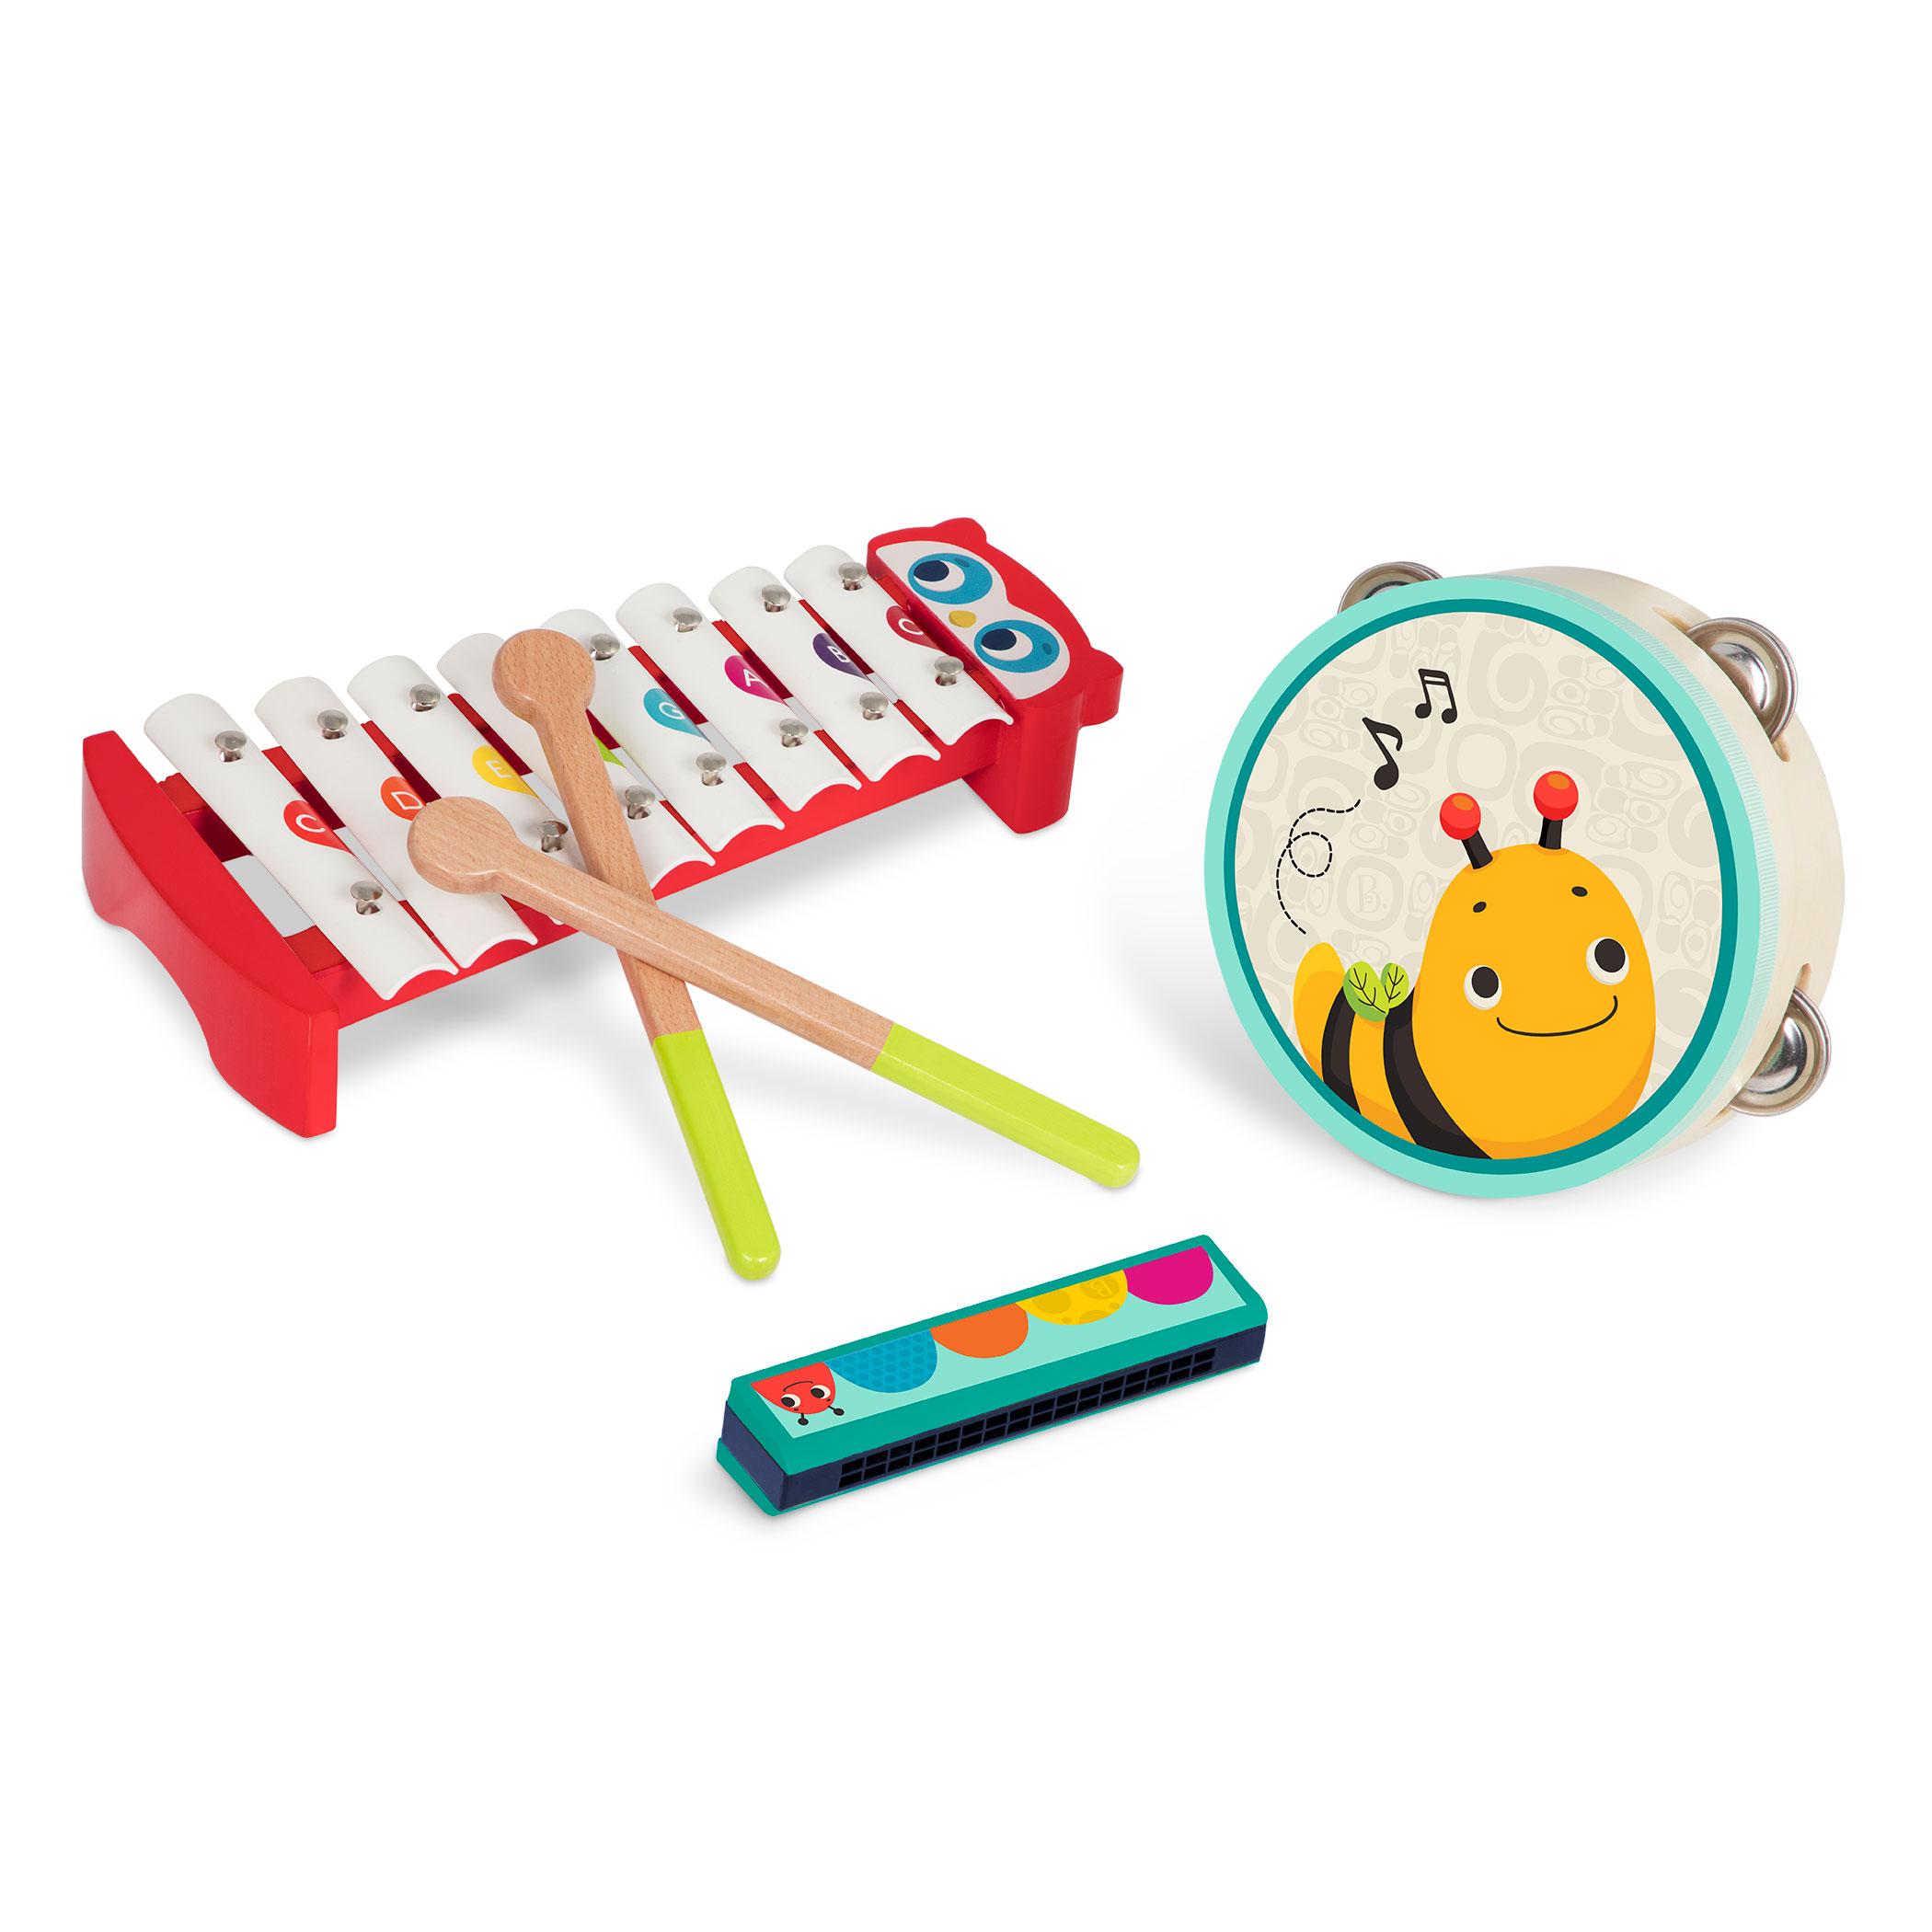 Hudobné nástroje drevené Mini Melody Band